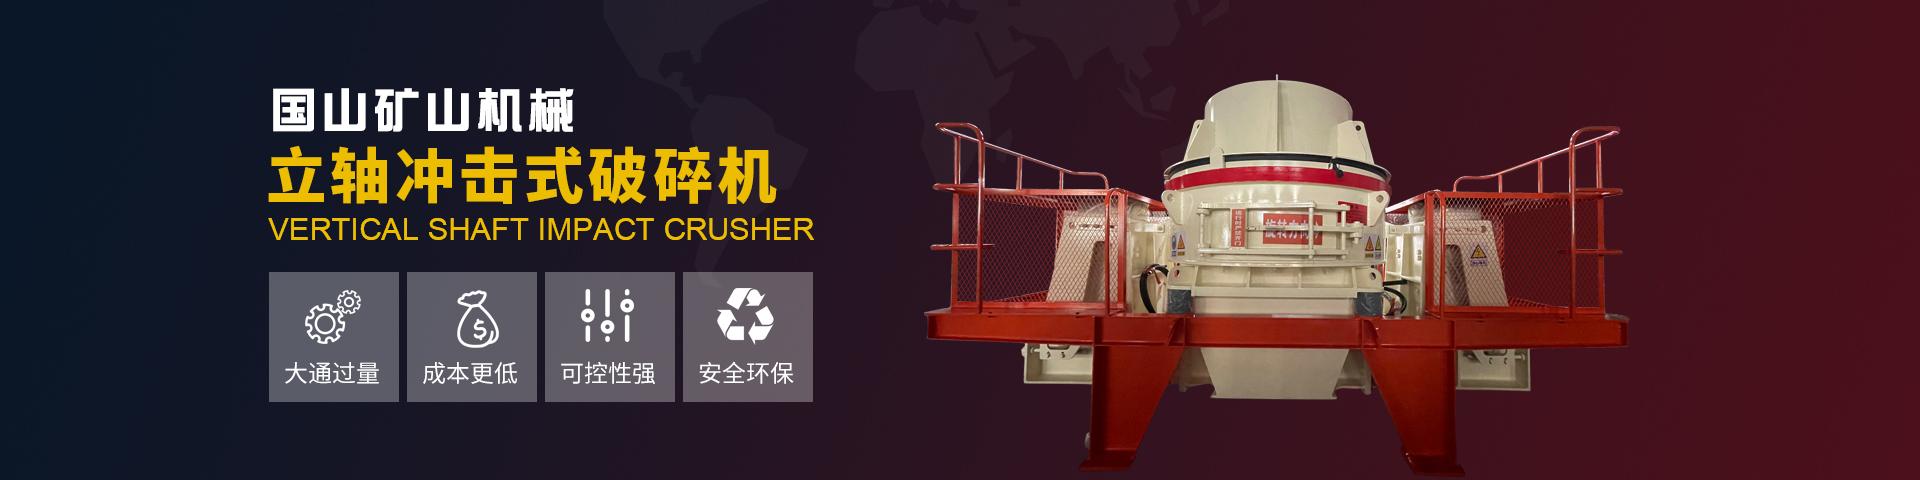 四川省国山矿山机械有限公司